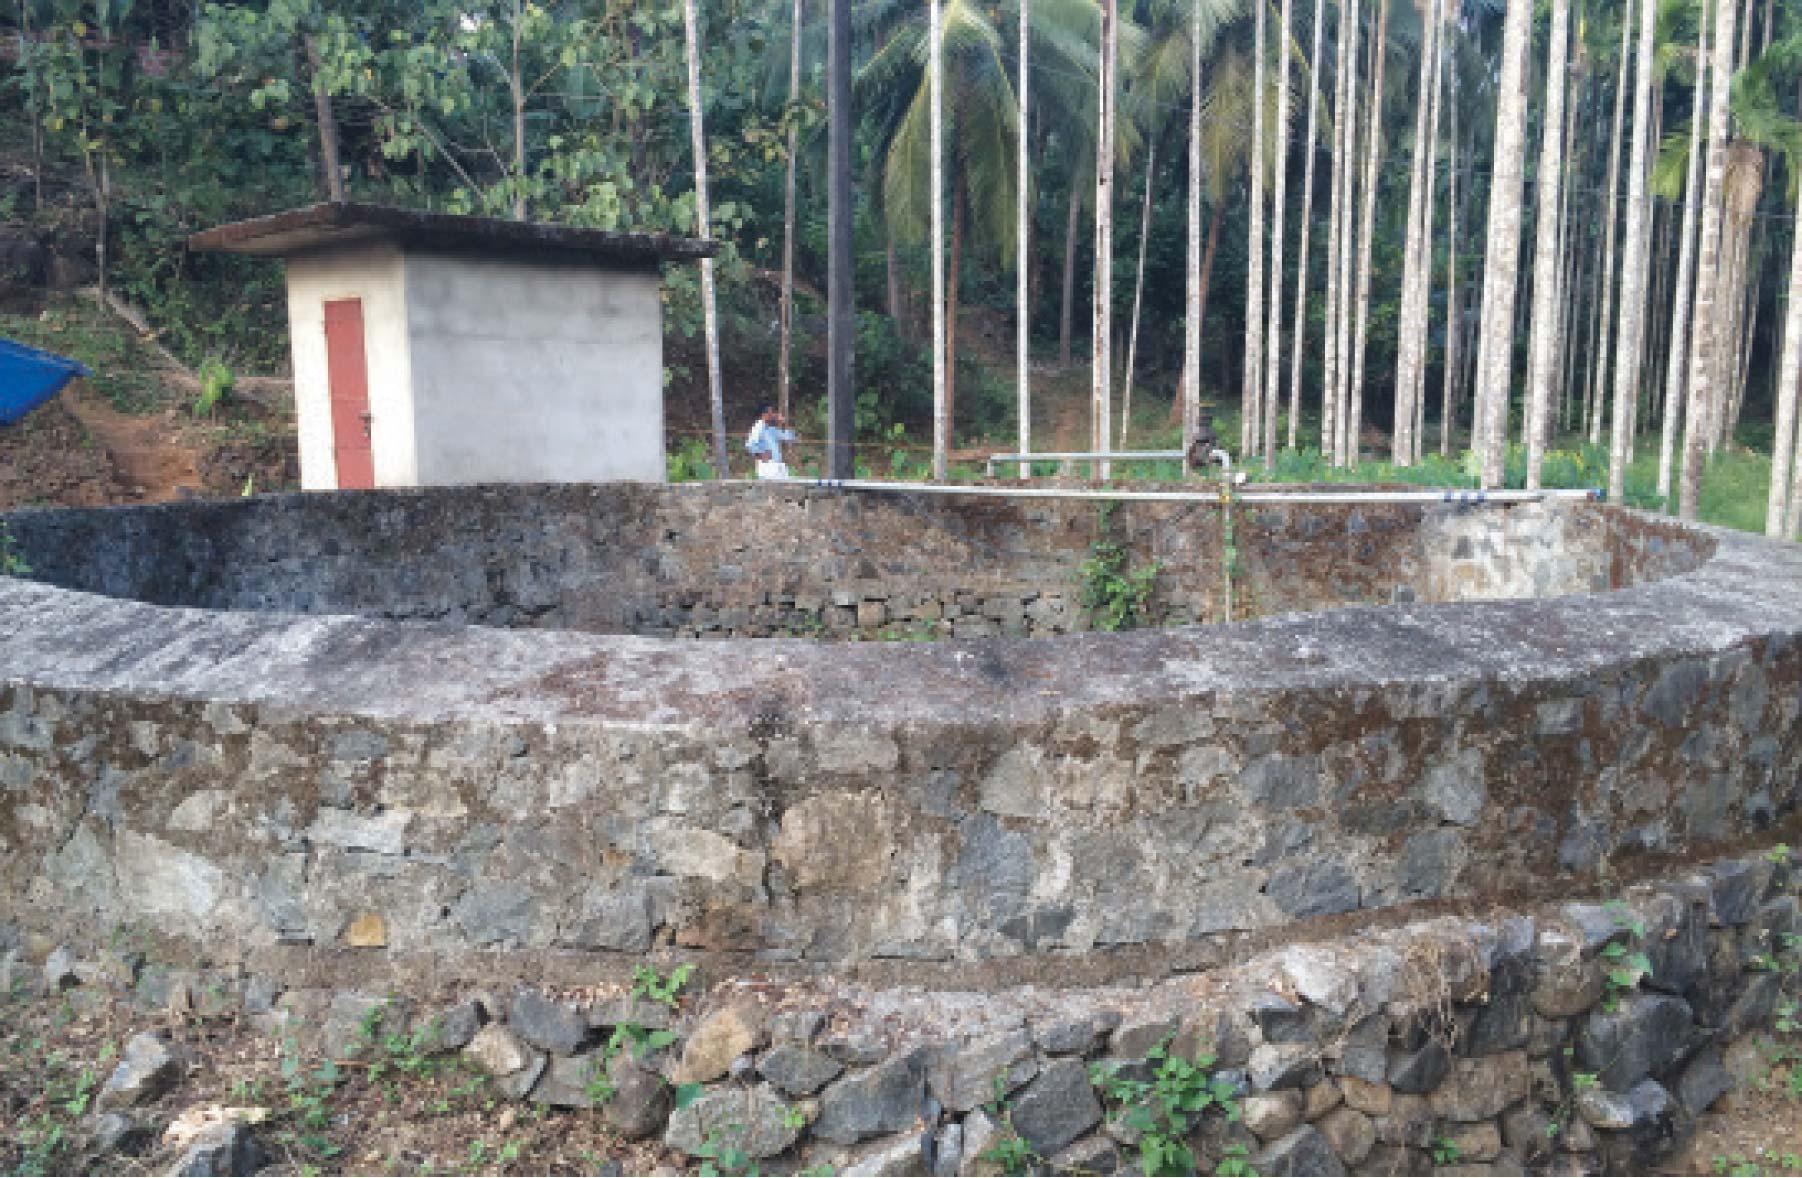 വലിയപാനോം കുടിവെള്ള പദ്ധതിയുടെ കിണറും പമ്പ്ഹൗസ്